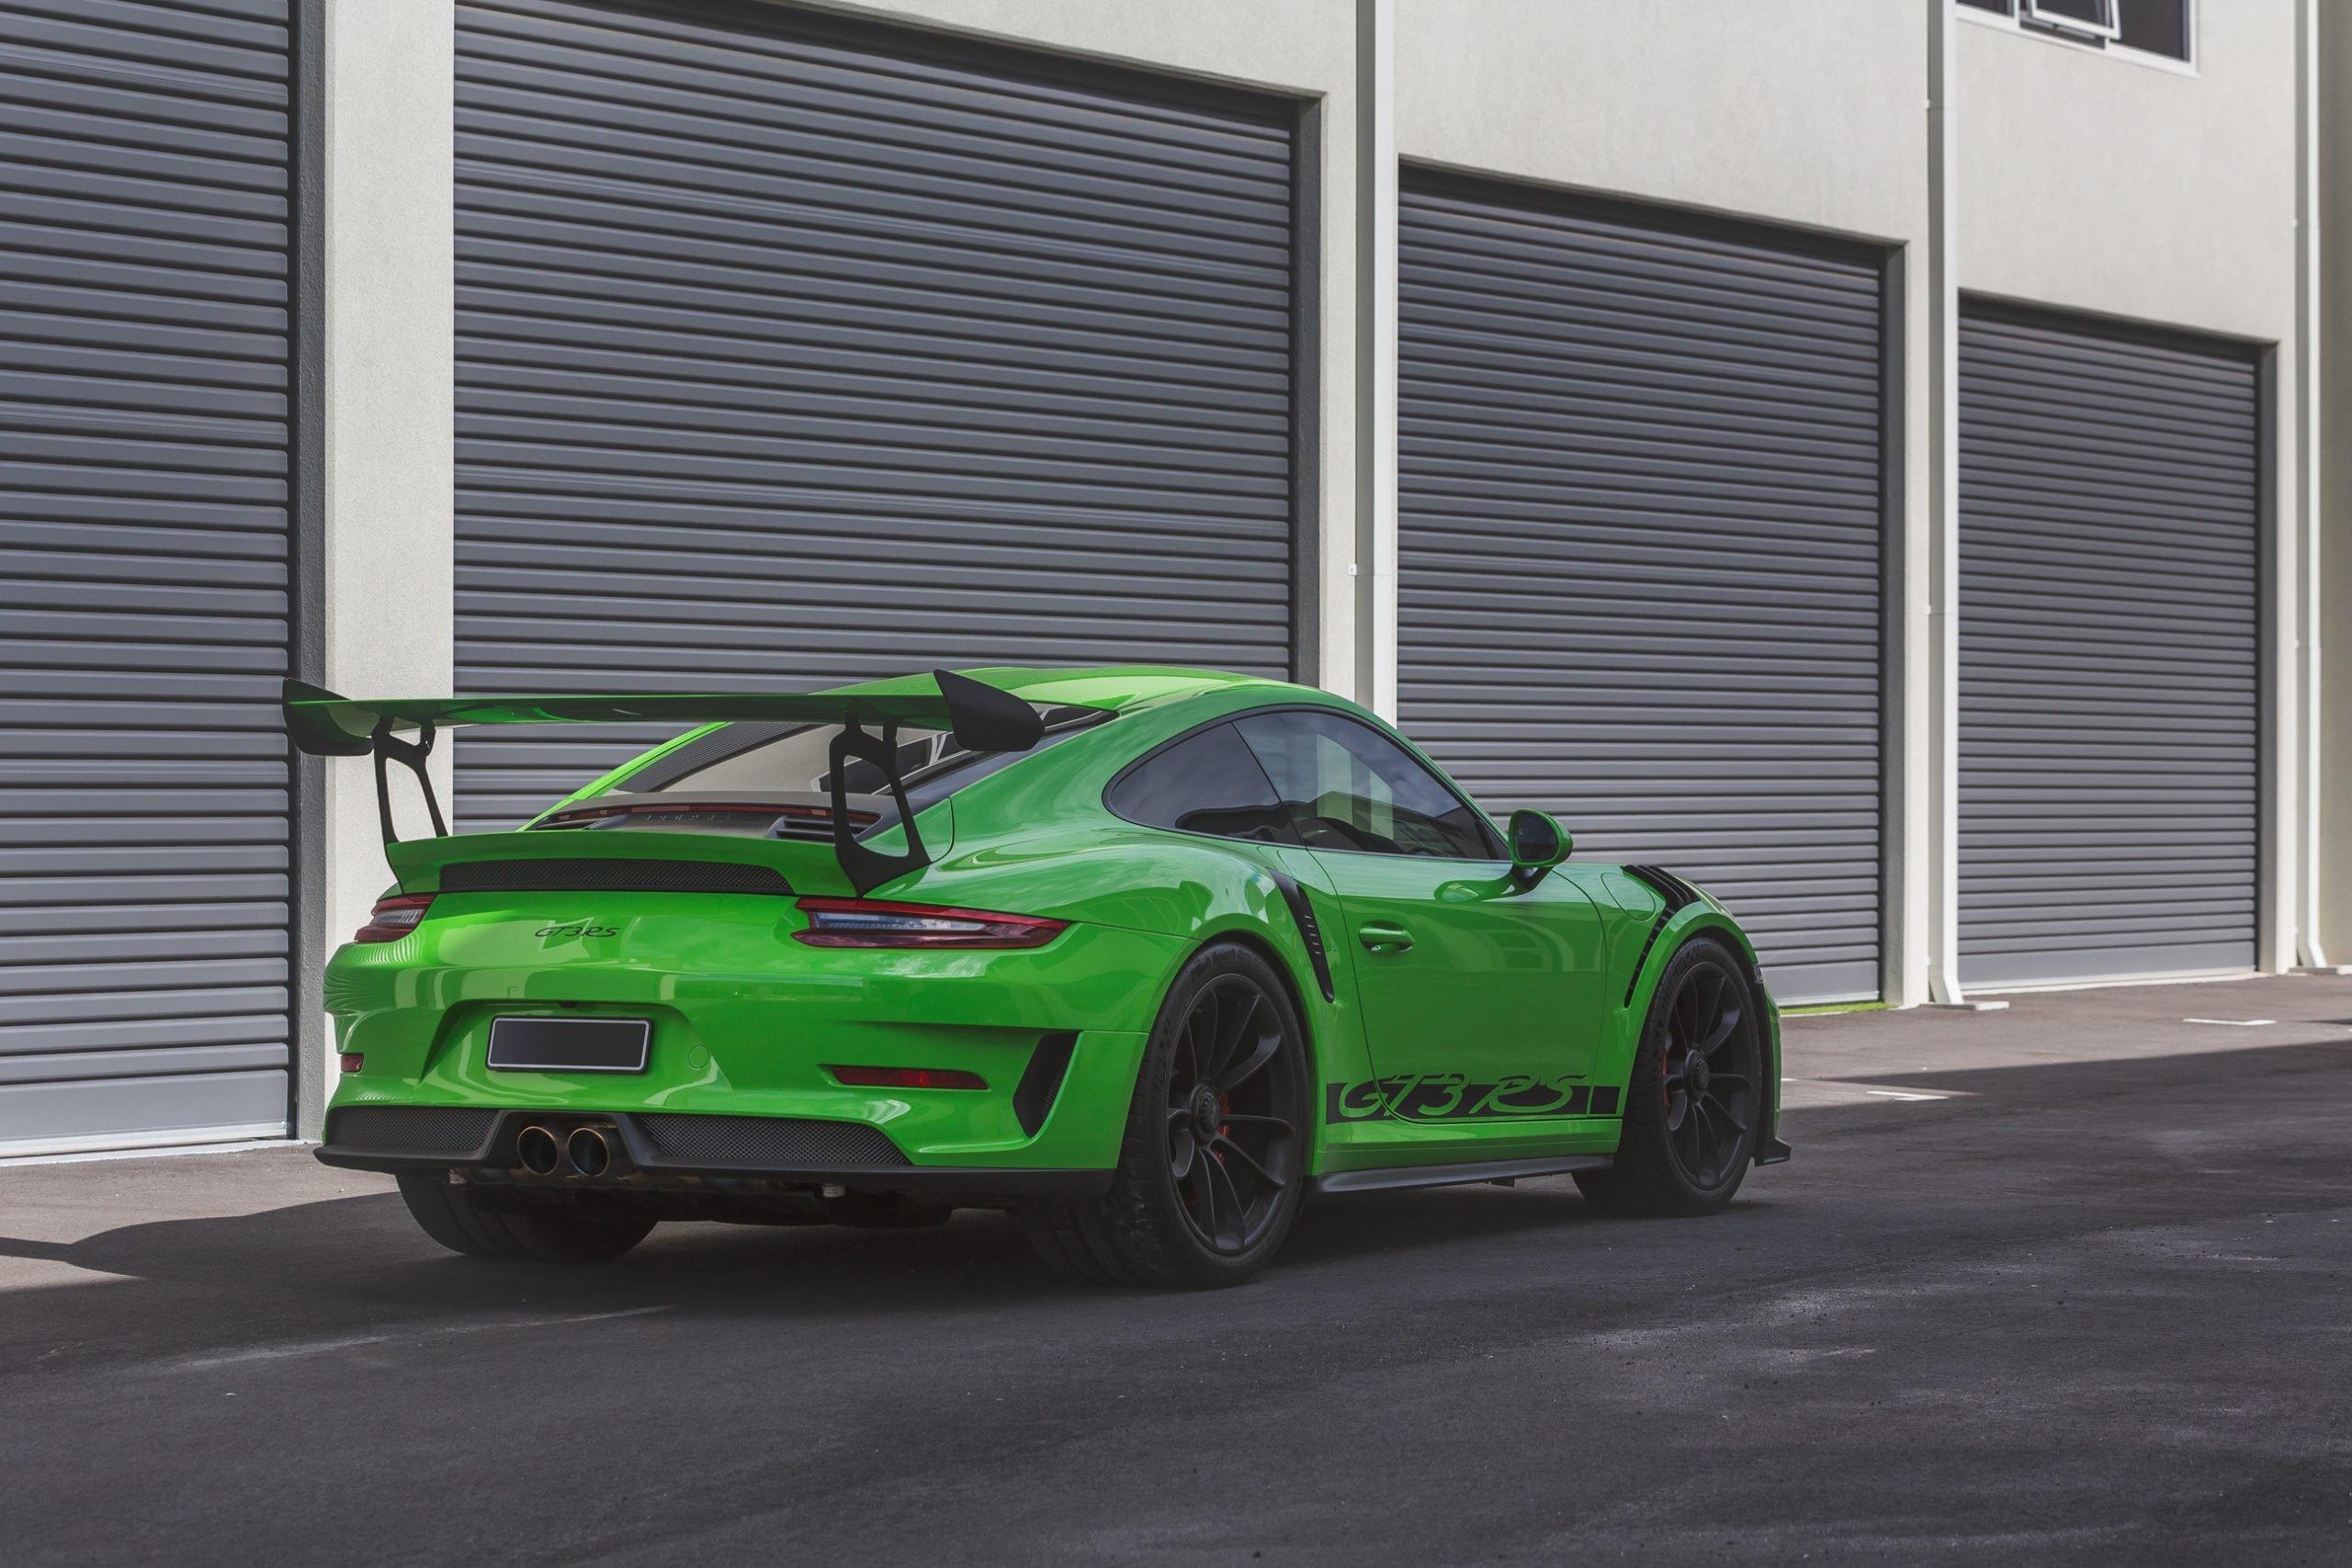 Porsche 991 911 GT3 RS